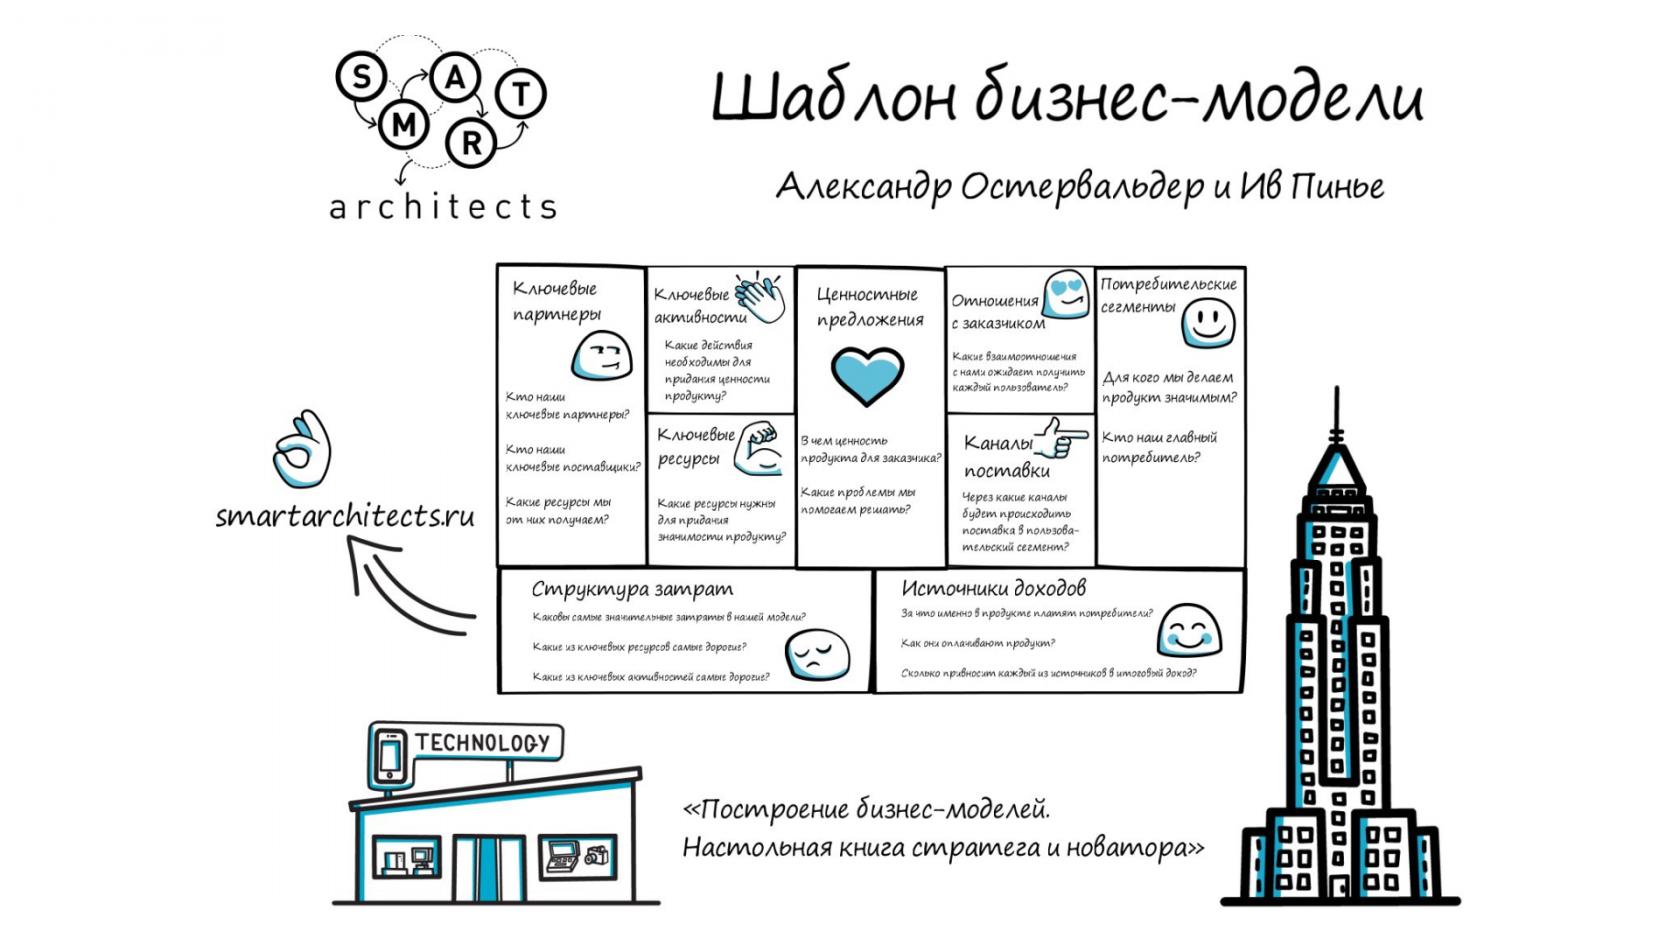 Структура сайта: схемы, советы по разработке, примеры